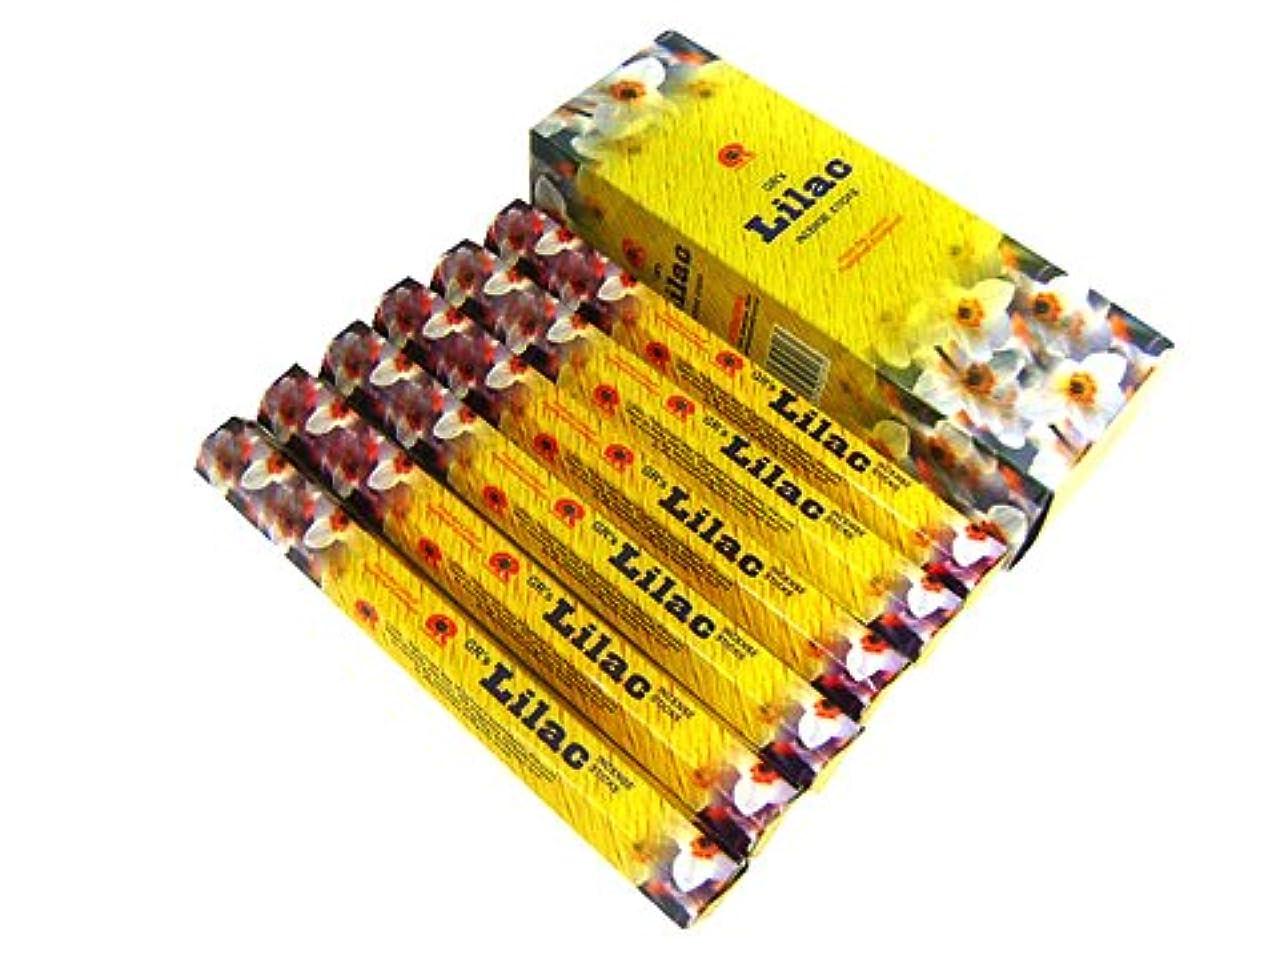 の慈悲で保持する欠如G.R.INTERNATIONAL(ジーアールインターナショナル) ライラック香 スティック LILAC 6箱セット